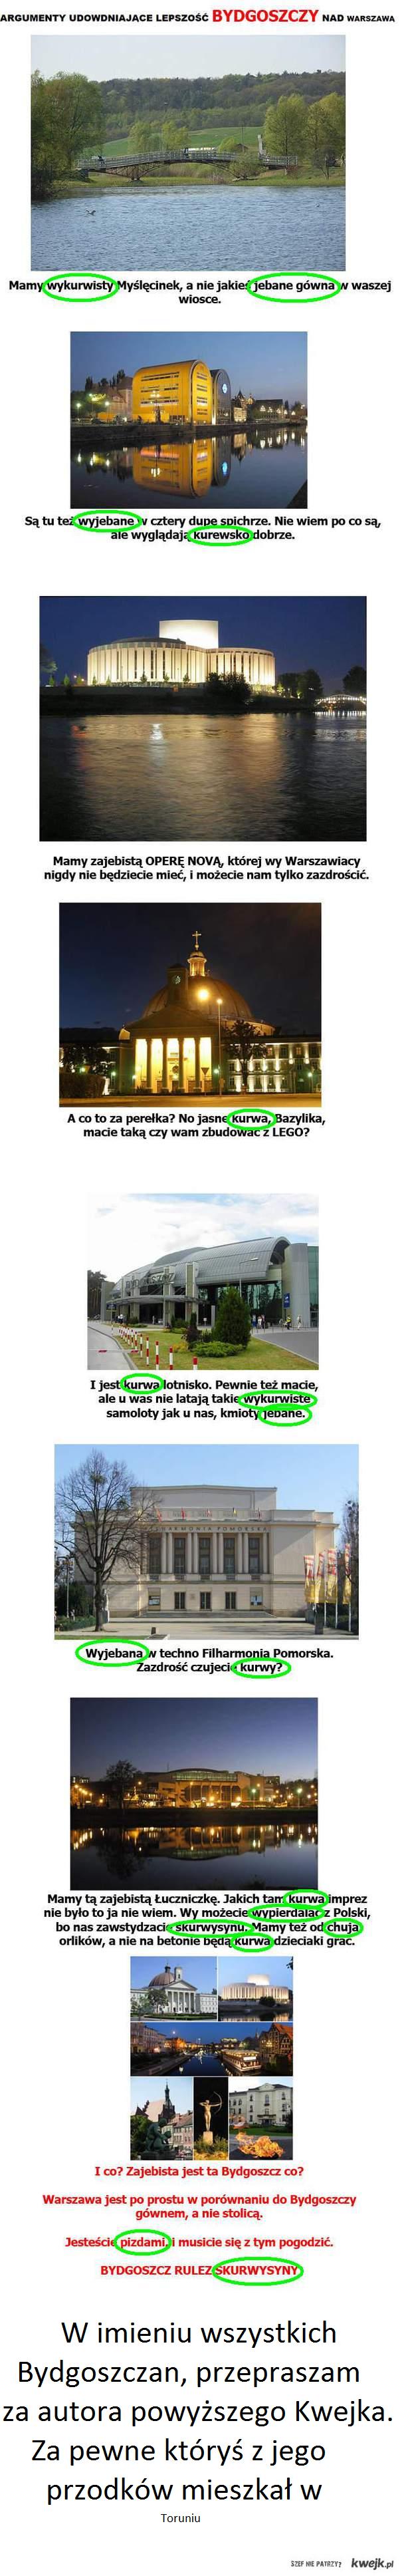 Bydgoszcz przeprasza